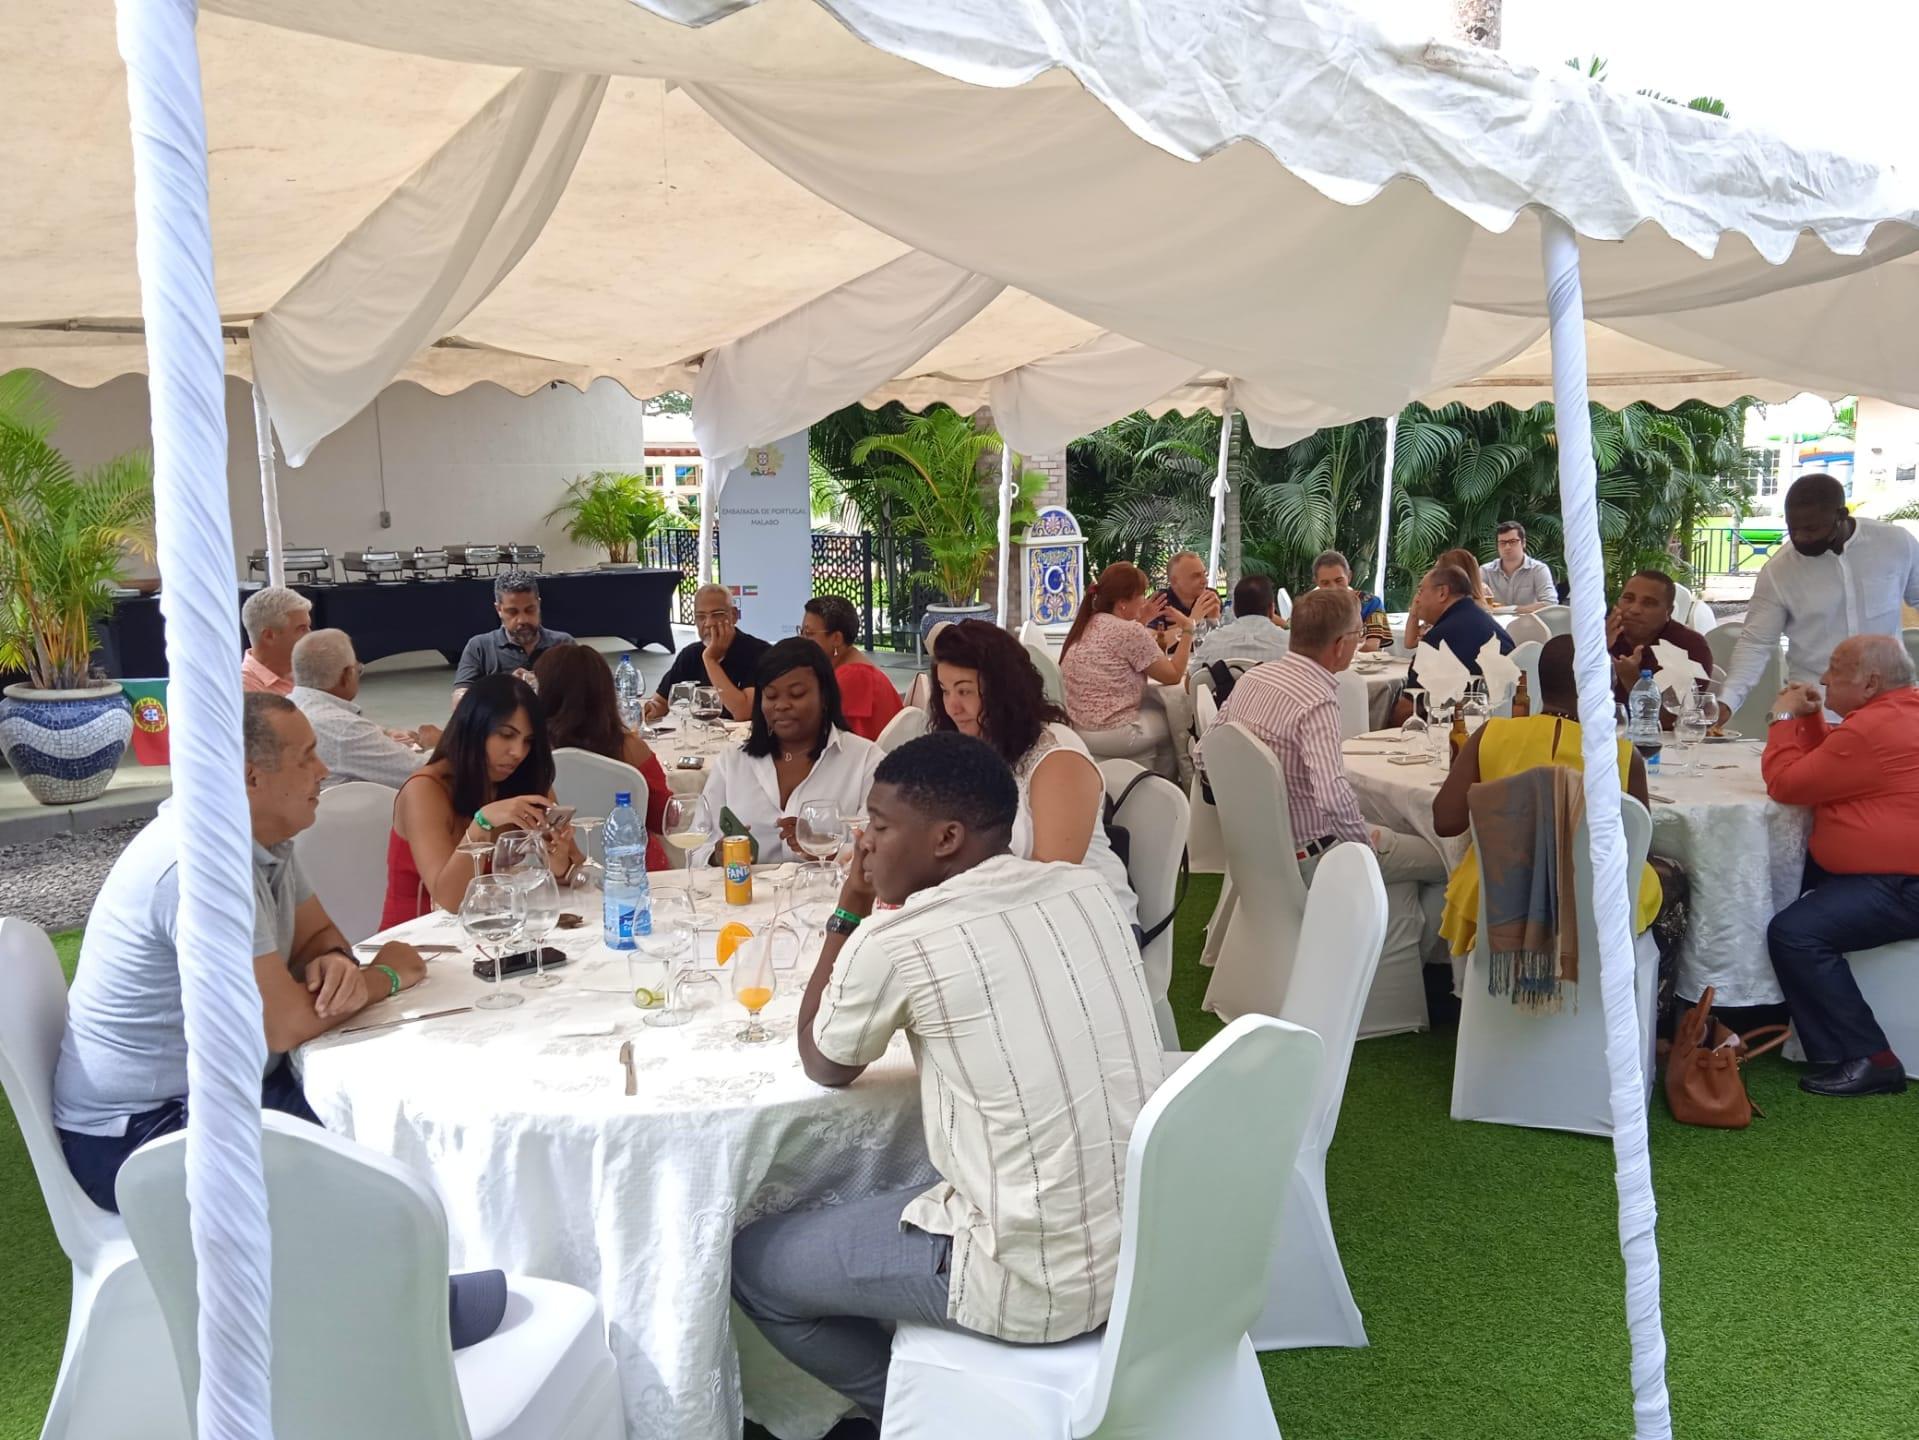 La Embajada de Portugal en Malabo organiza una degustación de gastronomía portuguesa